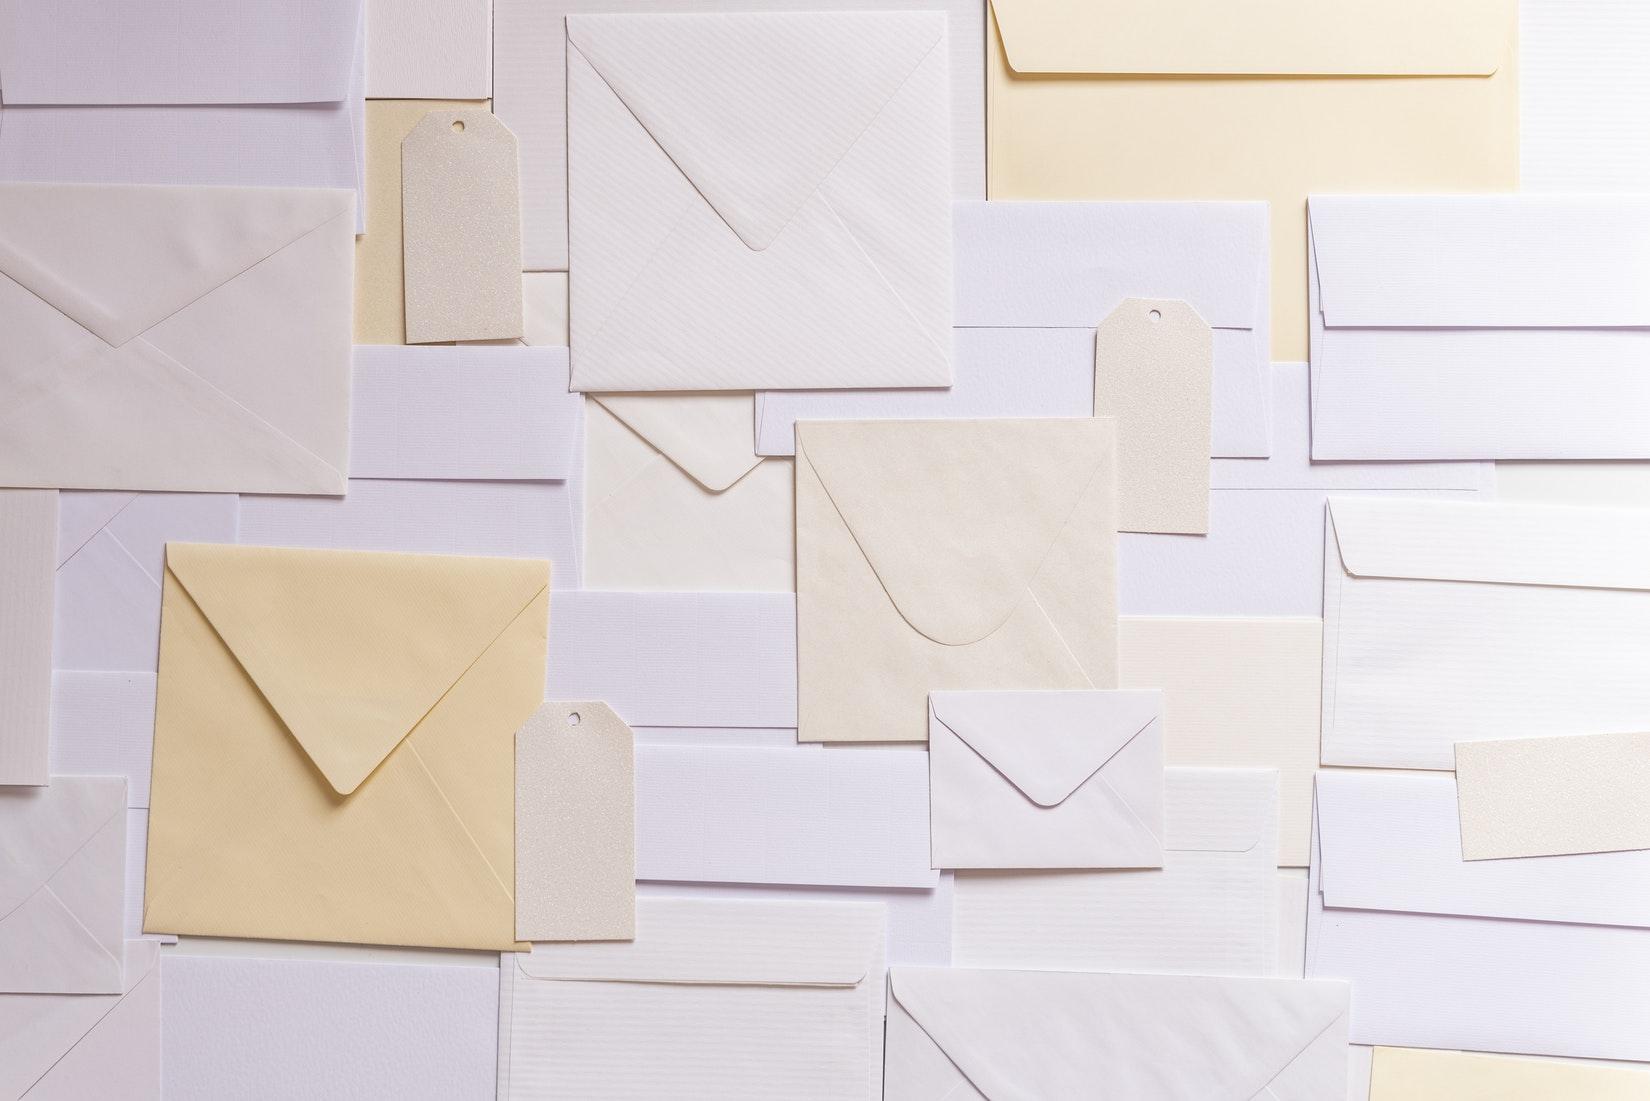 bloc de notas con calendario para vender más